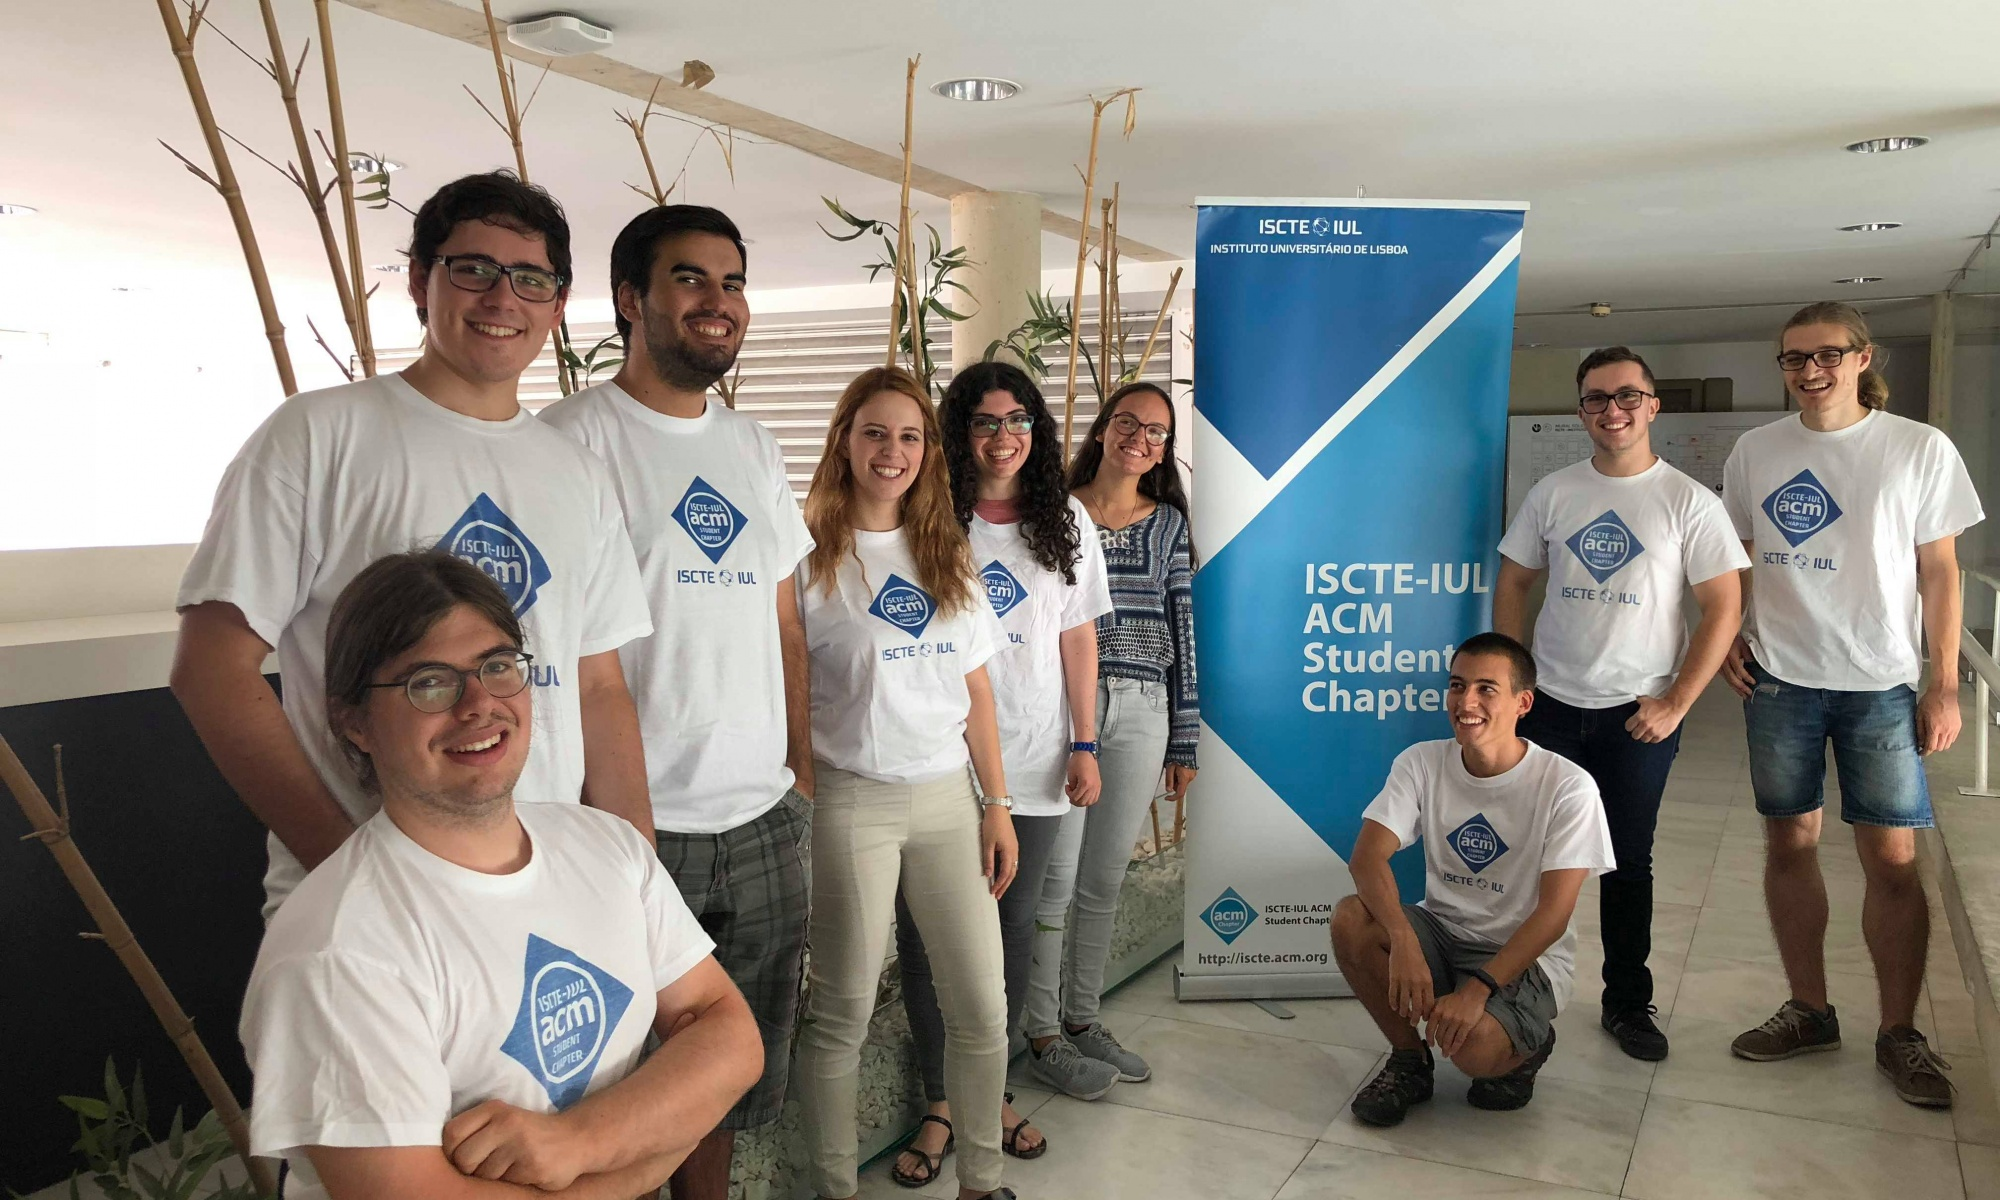 ISCTE-IUL ACM Student Chapter